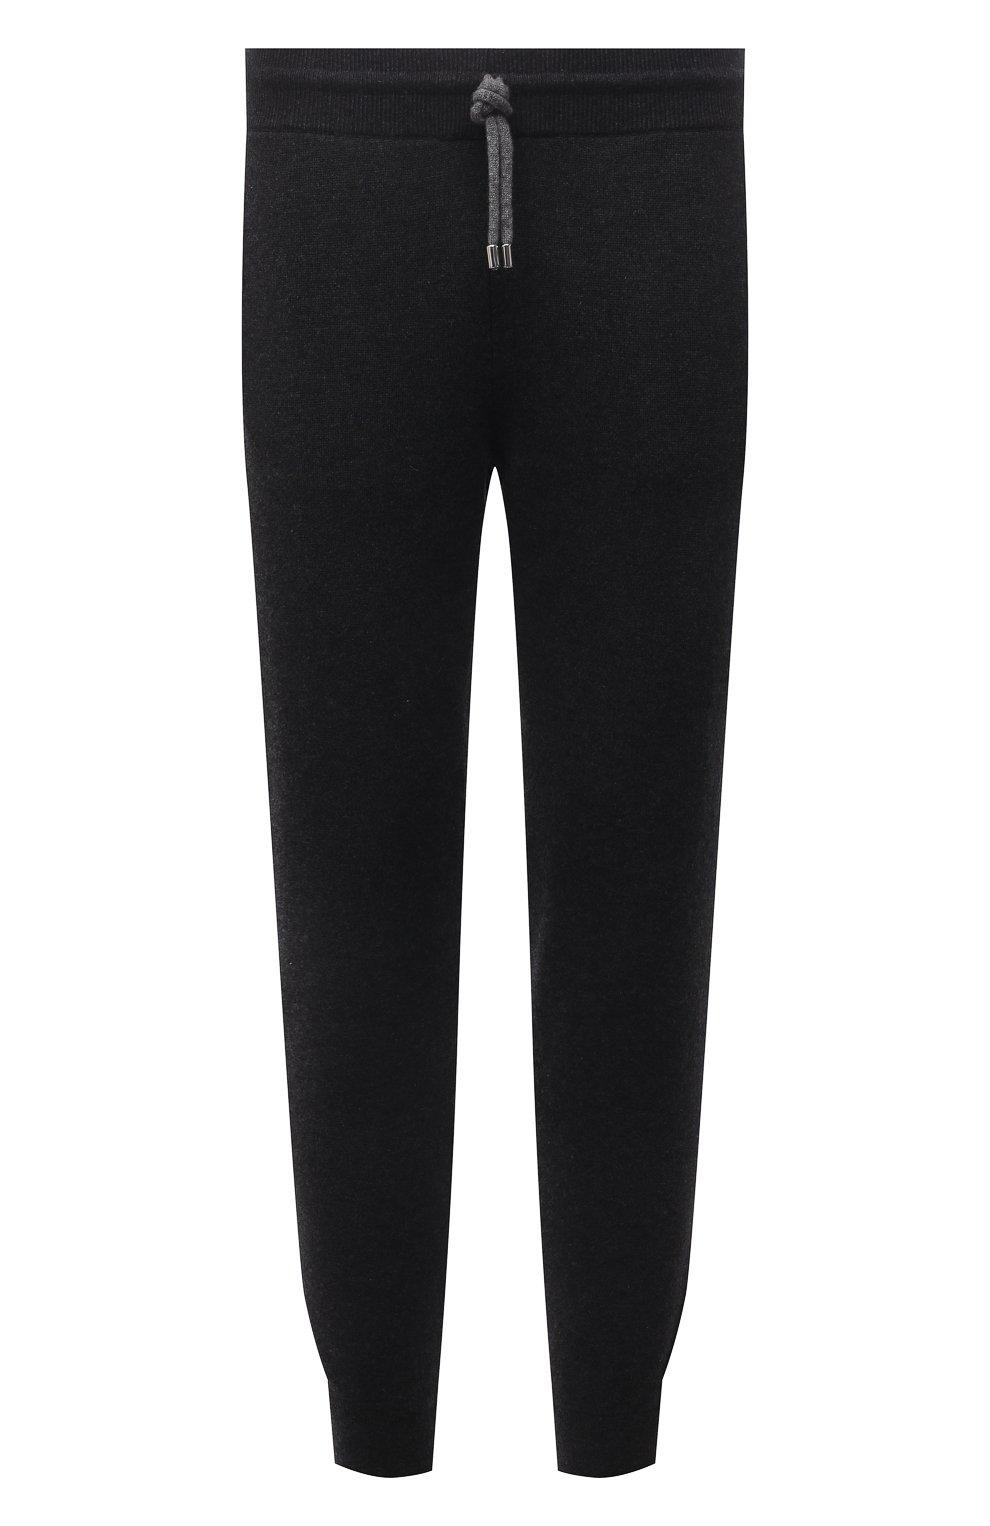 Мужские кашемировые джоггеры FIORONI темно-серого цвета, арт. MK23019F1 | Фото 1 (Мужское Кросс-КТ: Брюки-трикотаж; Материал внешний: Шерсть, Кашемир; Длина (брюки, джинсы): Стандартные; Кросс-КТ: Спорт; Стили: Спорт-шик; Силуэт М (брюки): Джоггеры)